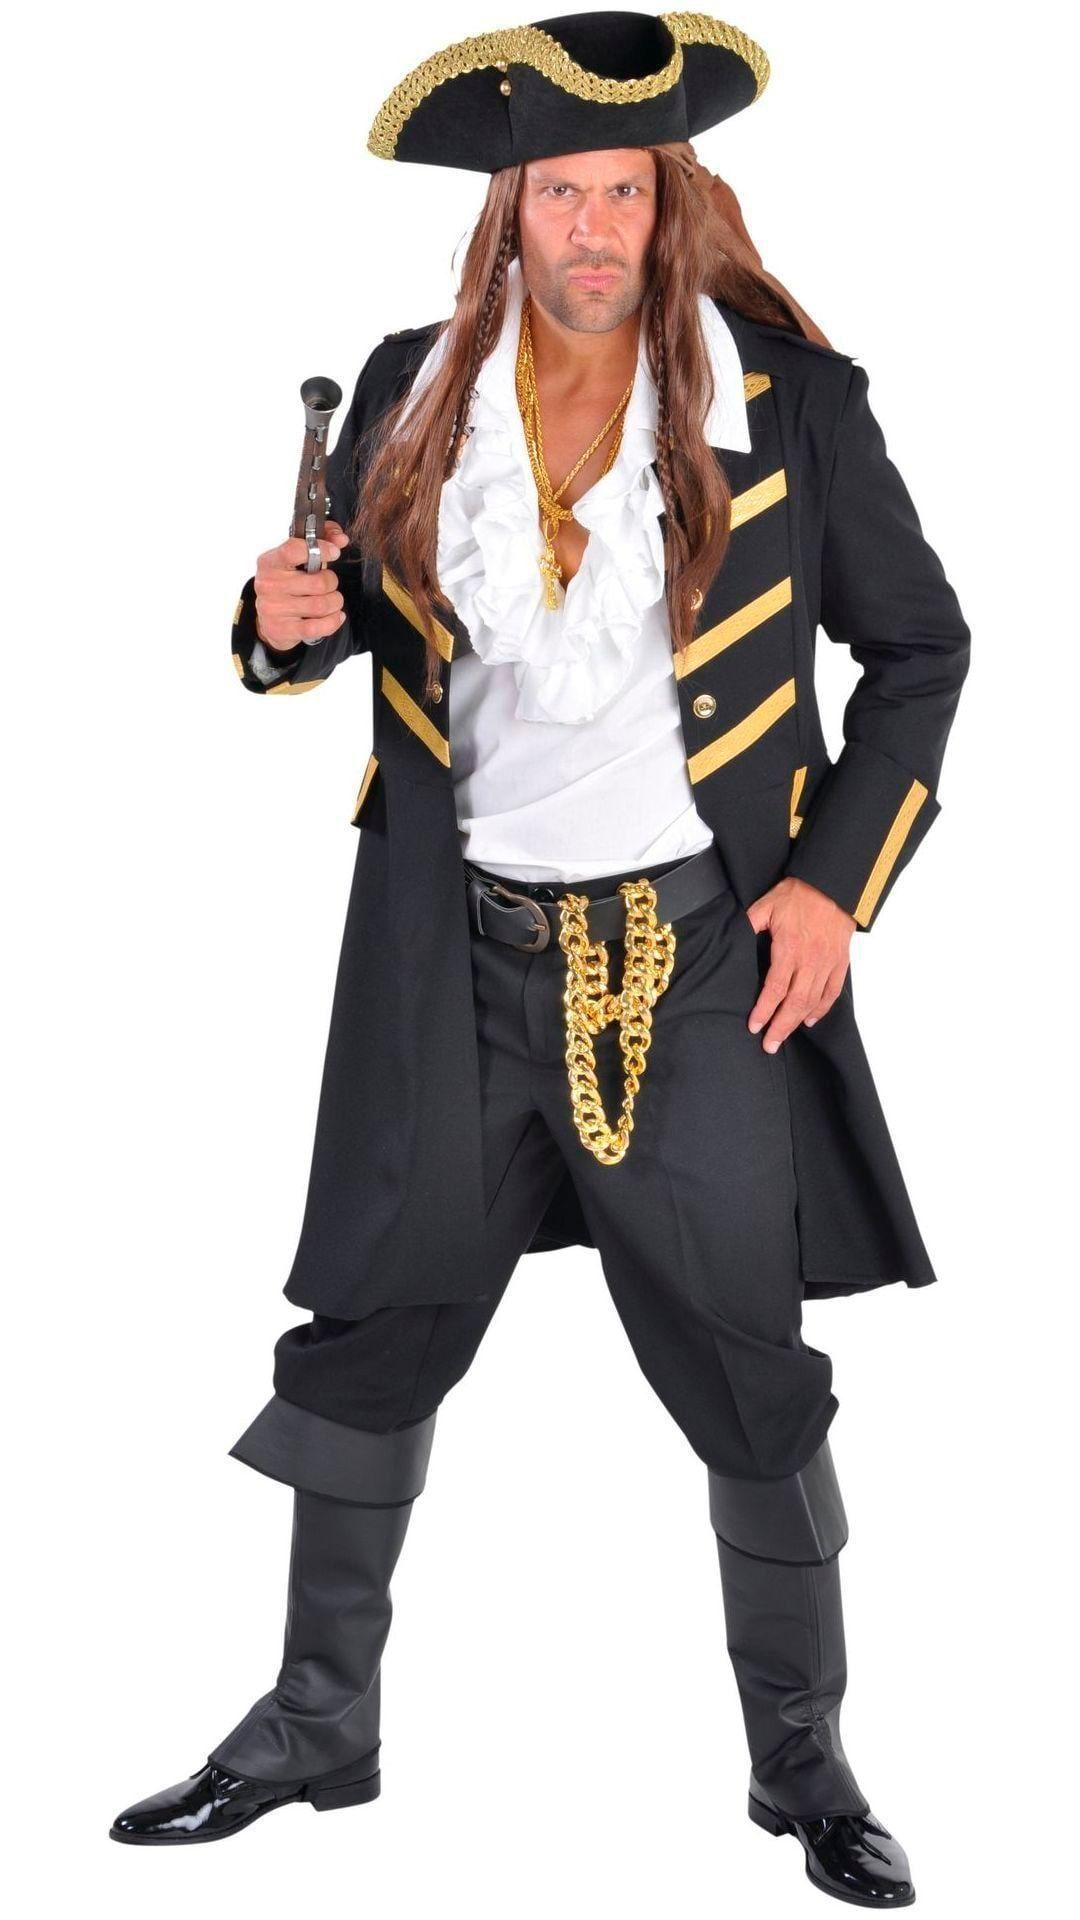 Zwarte piratenmantel mannen